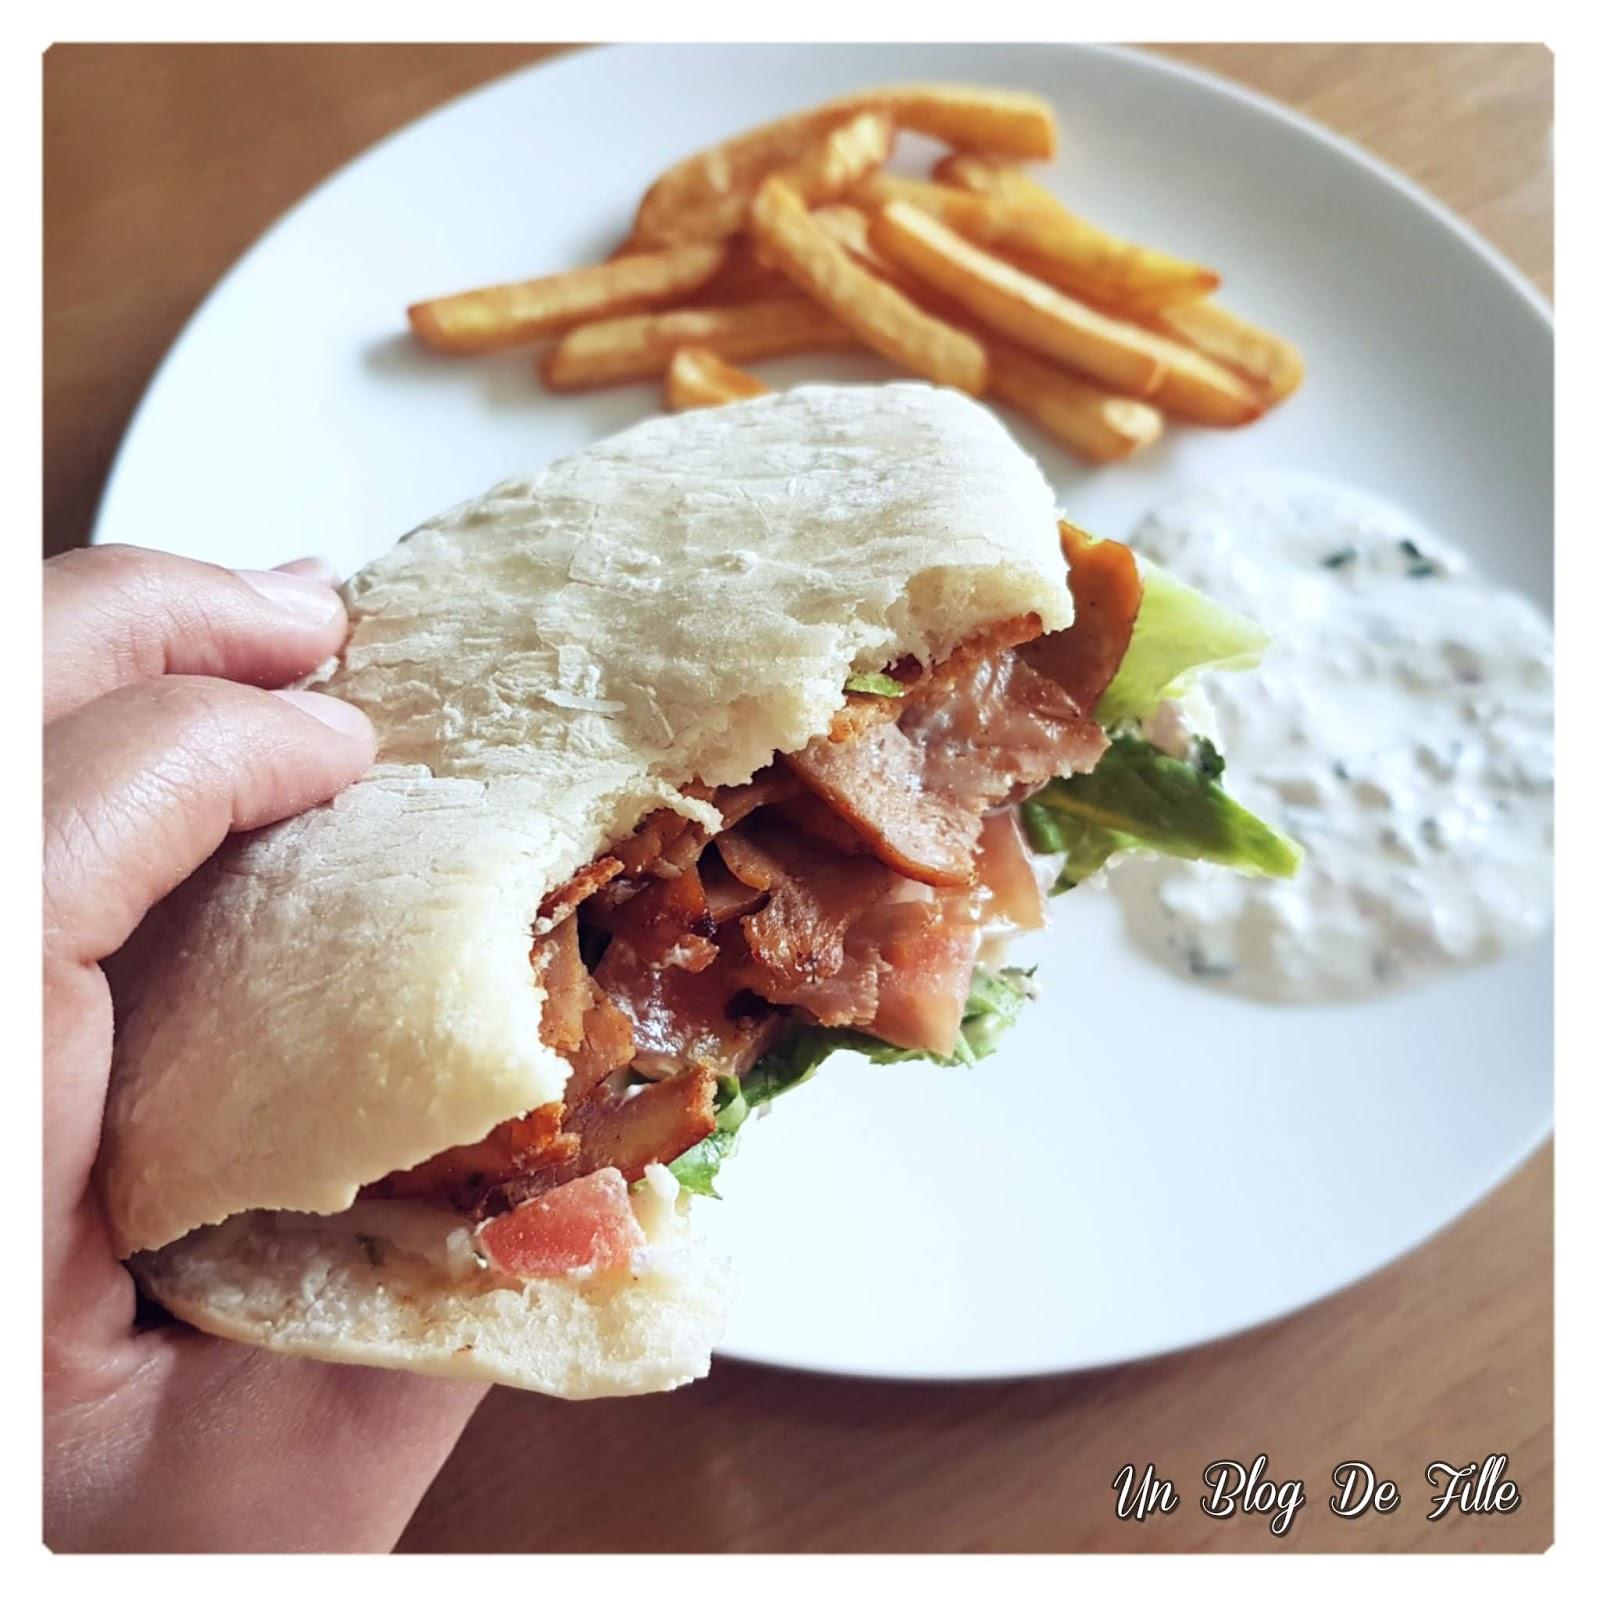 http://www.unblogdefille.fr/2020/04/recette-kebab-maison-pain-pita-et-sauce.html